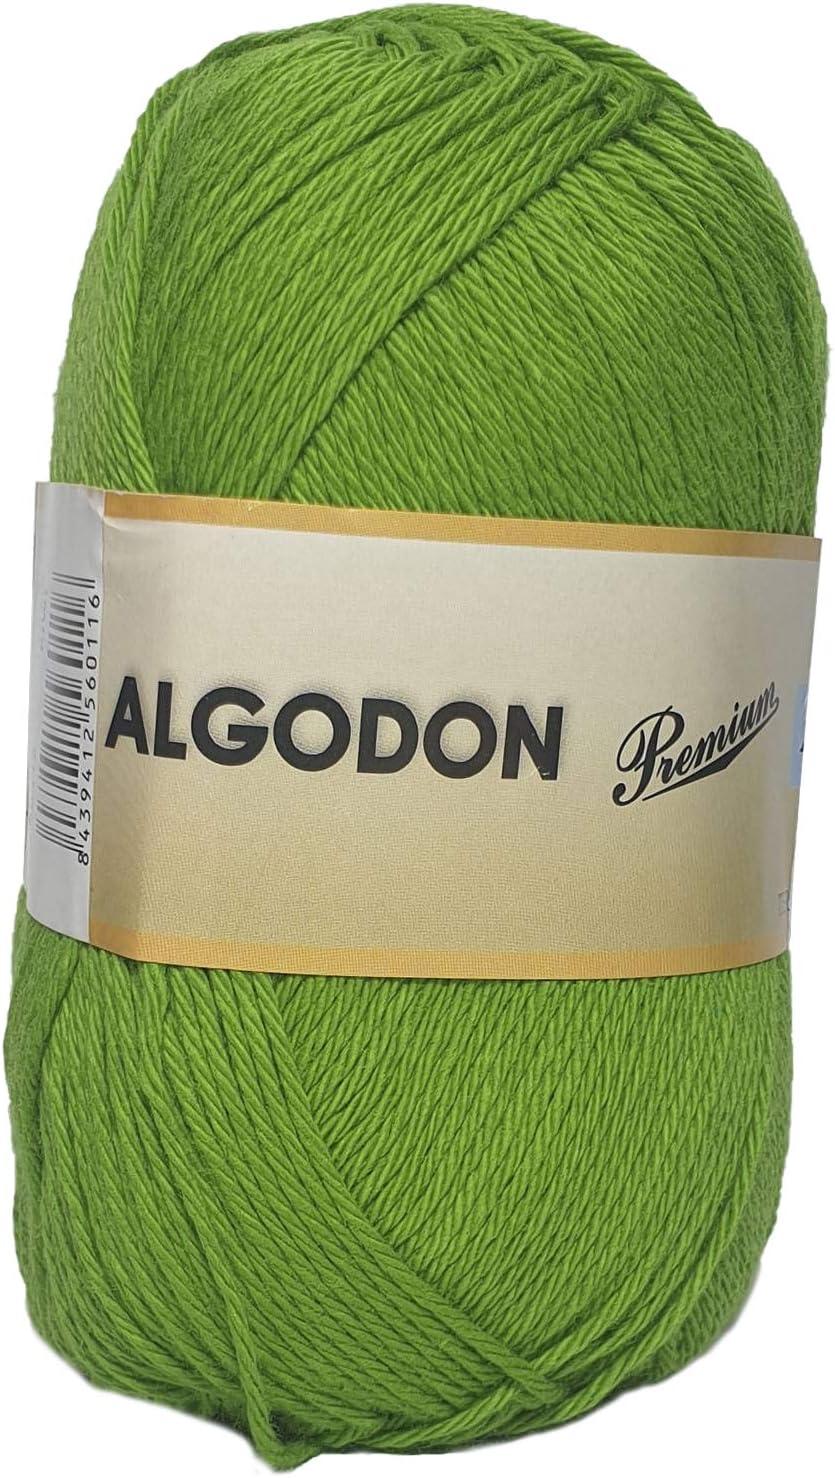 Hilo Ovillo de Algodón Premium 100% Algodón perfecto para DIY y tejer a mano (Color Kiwi 100 g, aprox. 220 metros): Amazon.es: Hogar